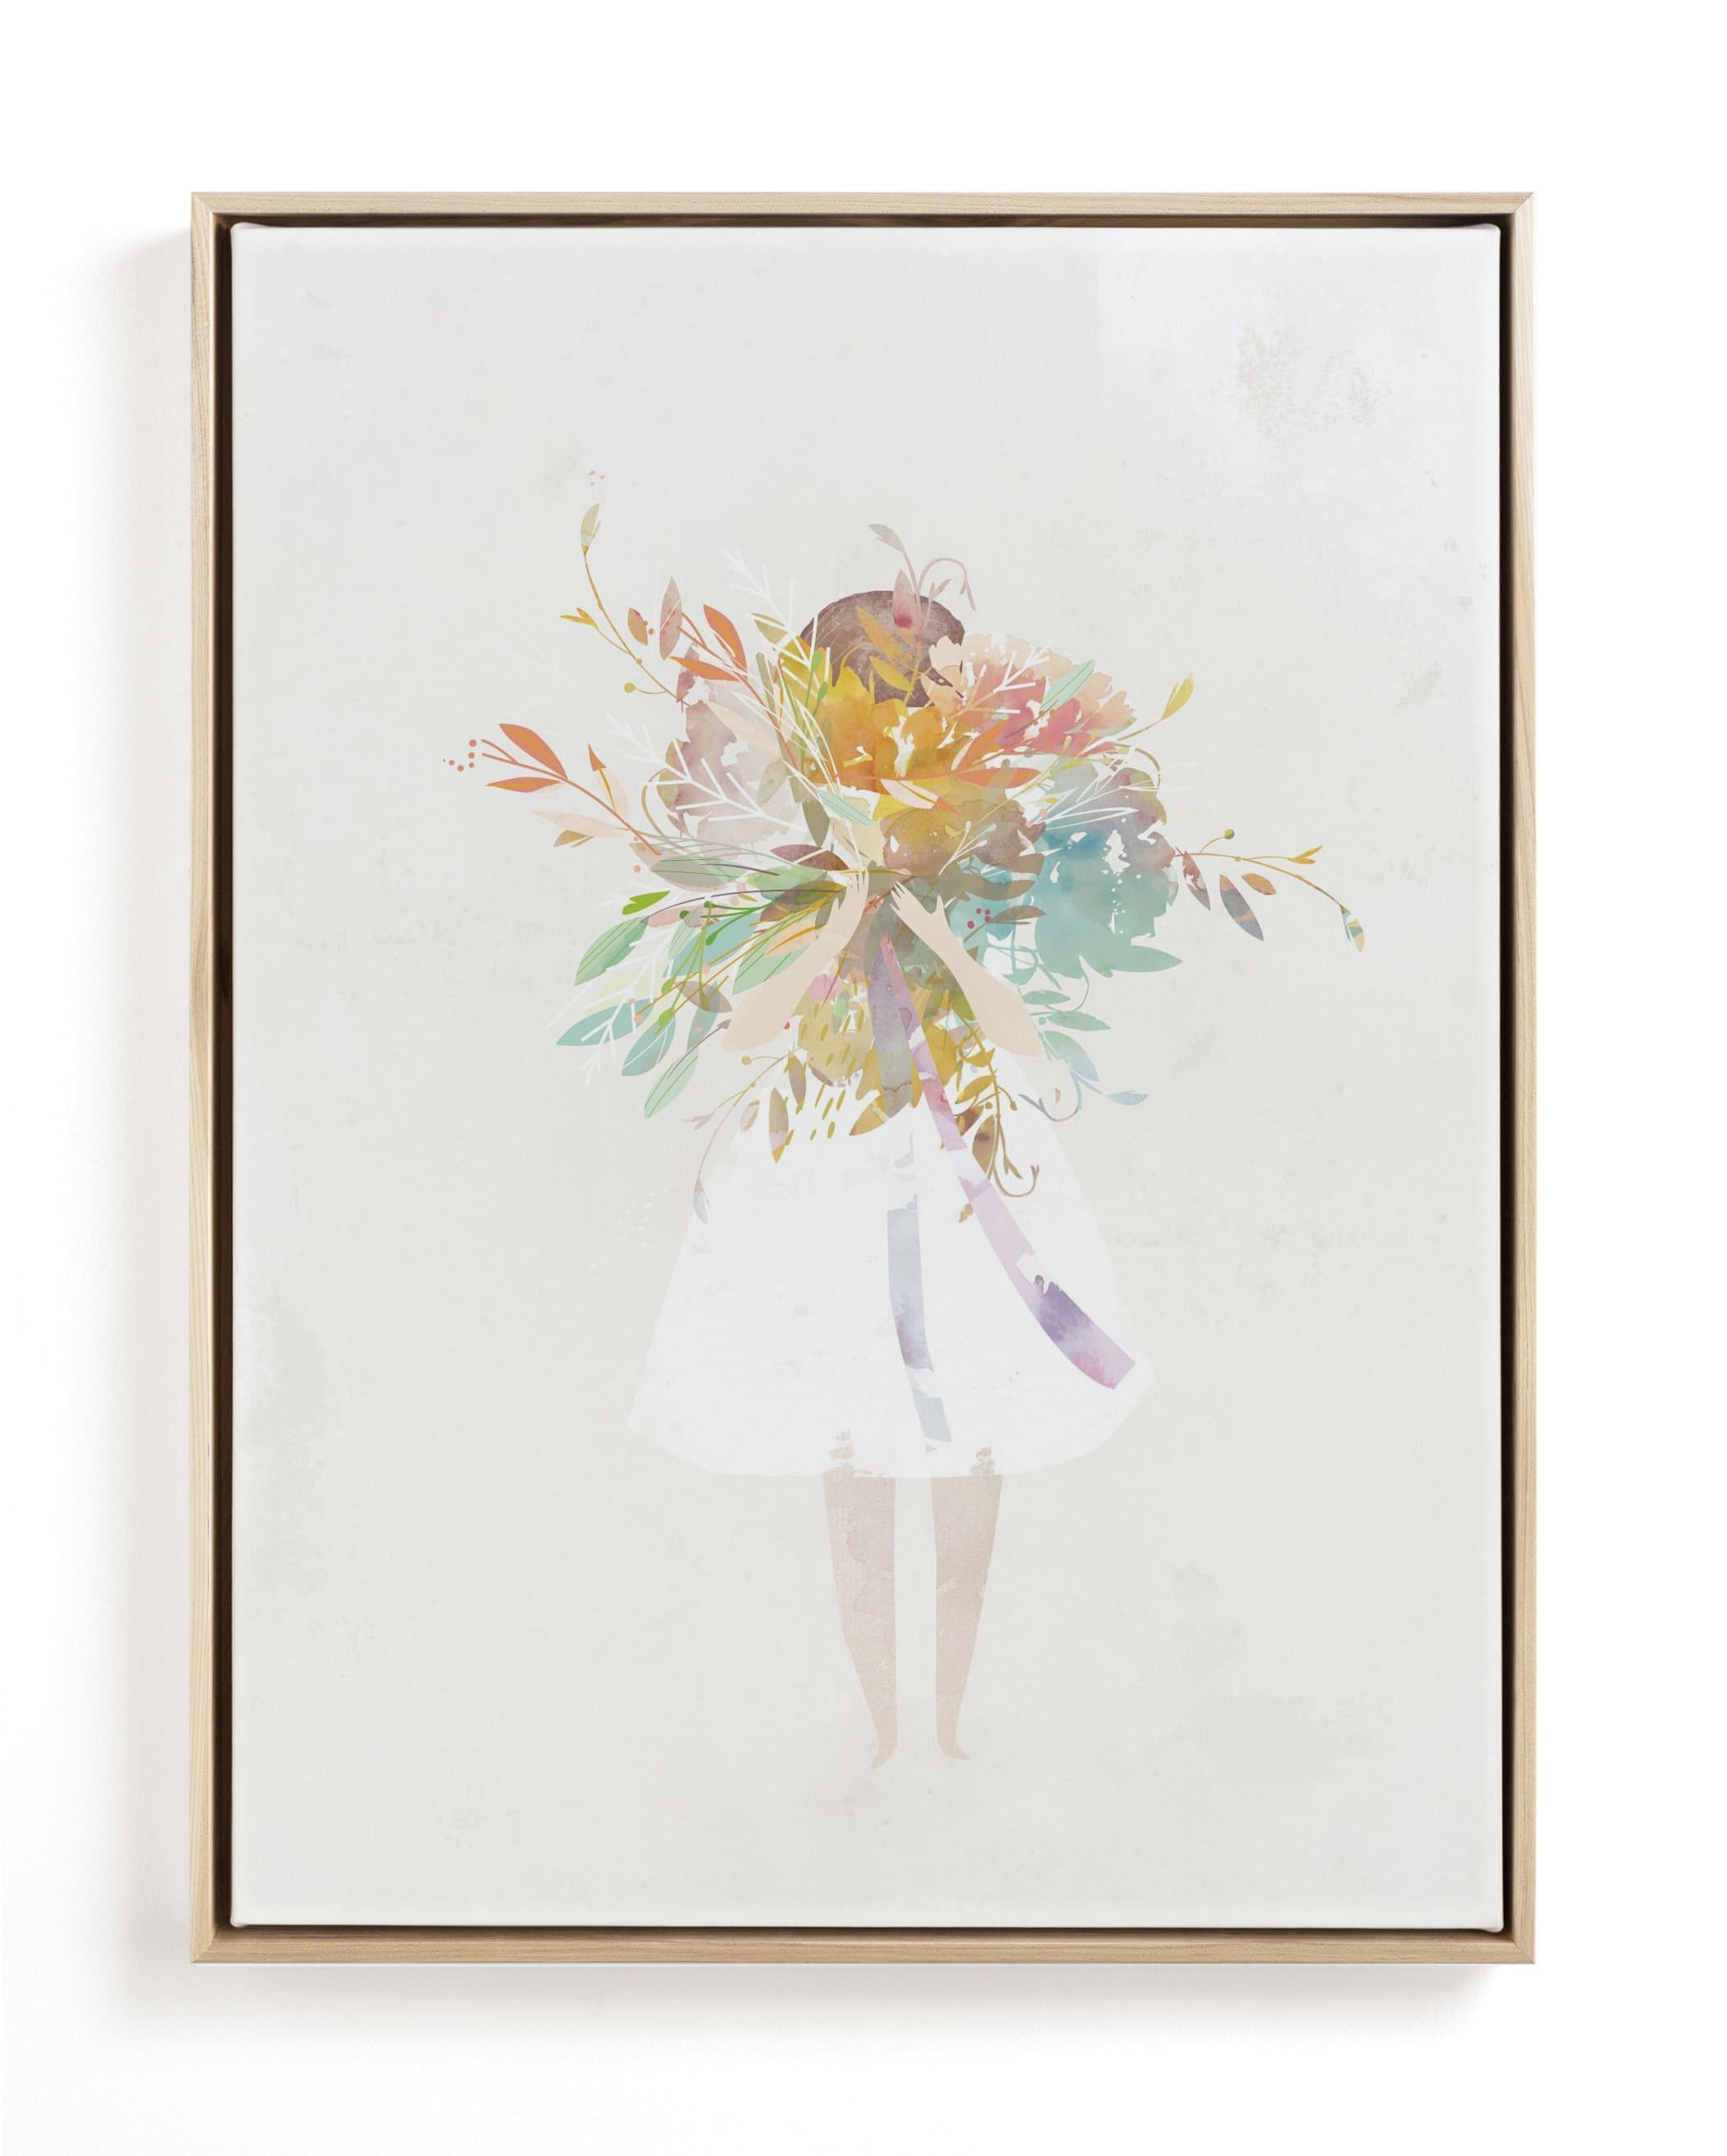 The Flower Girl Children's Art Print